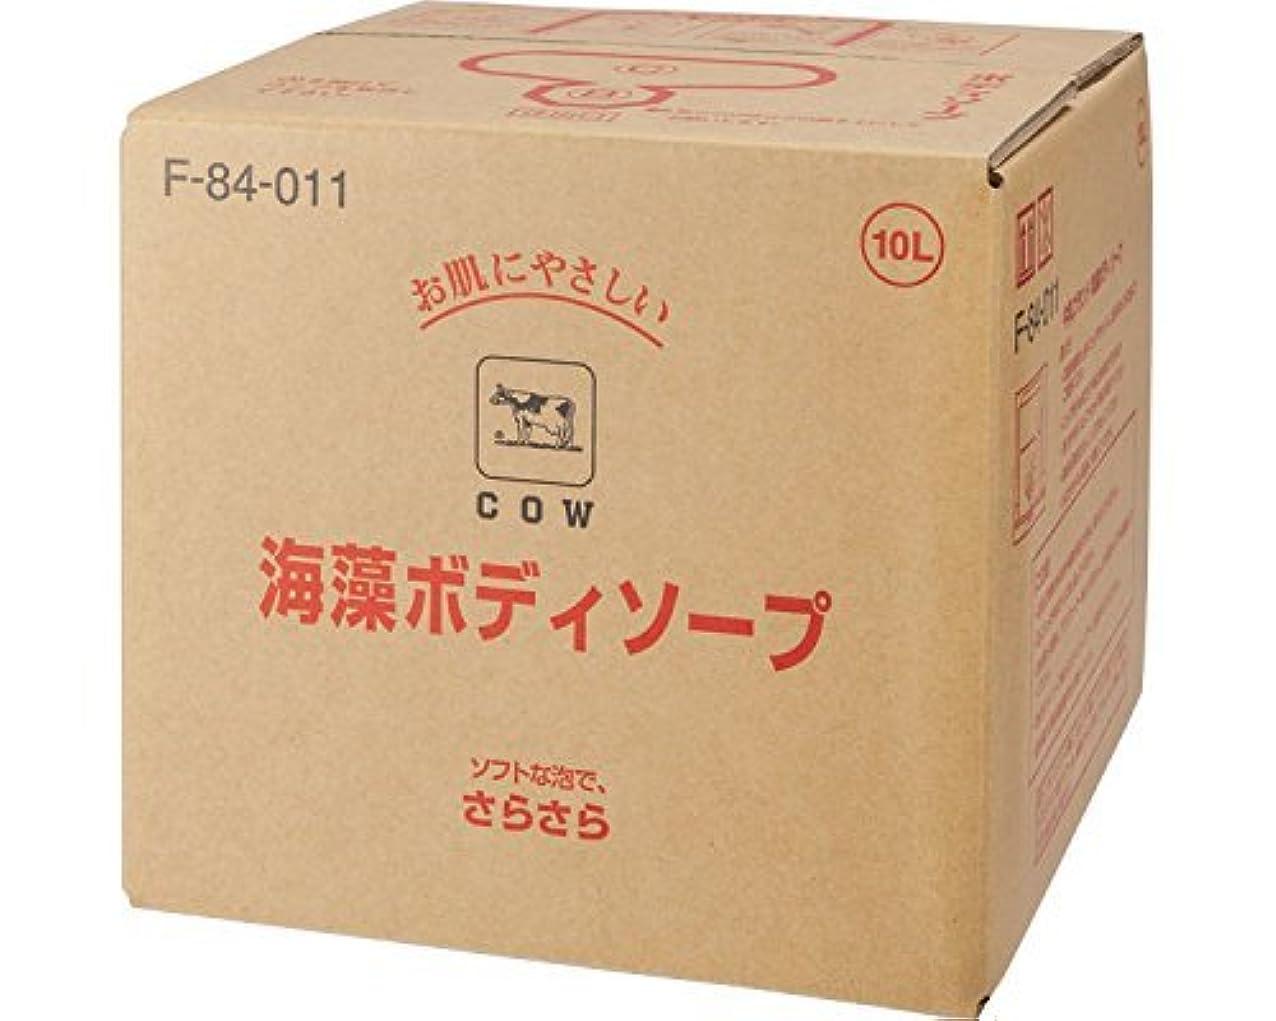 牛乳ブランド 海藻ボディソープ /  10L F-84-011 【牛乳石鹸】 【清拭小物】